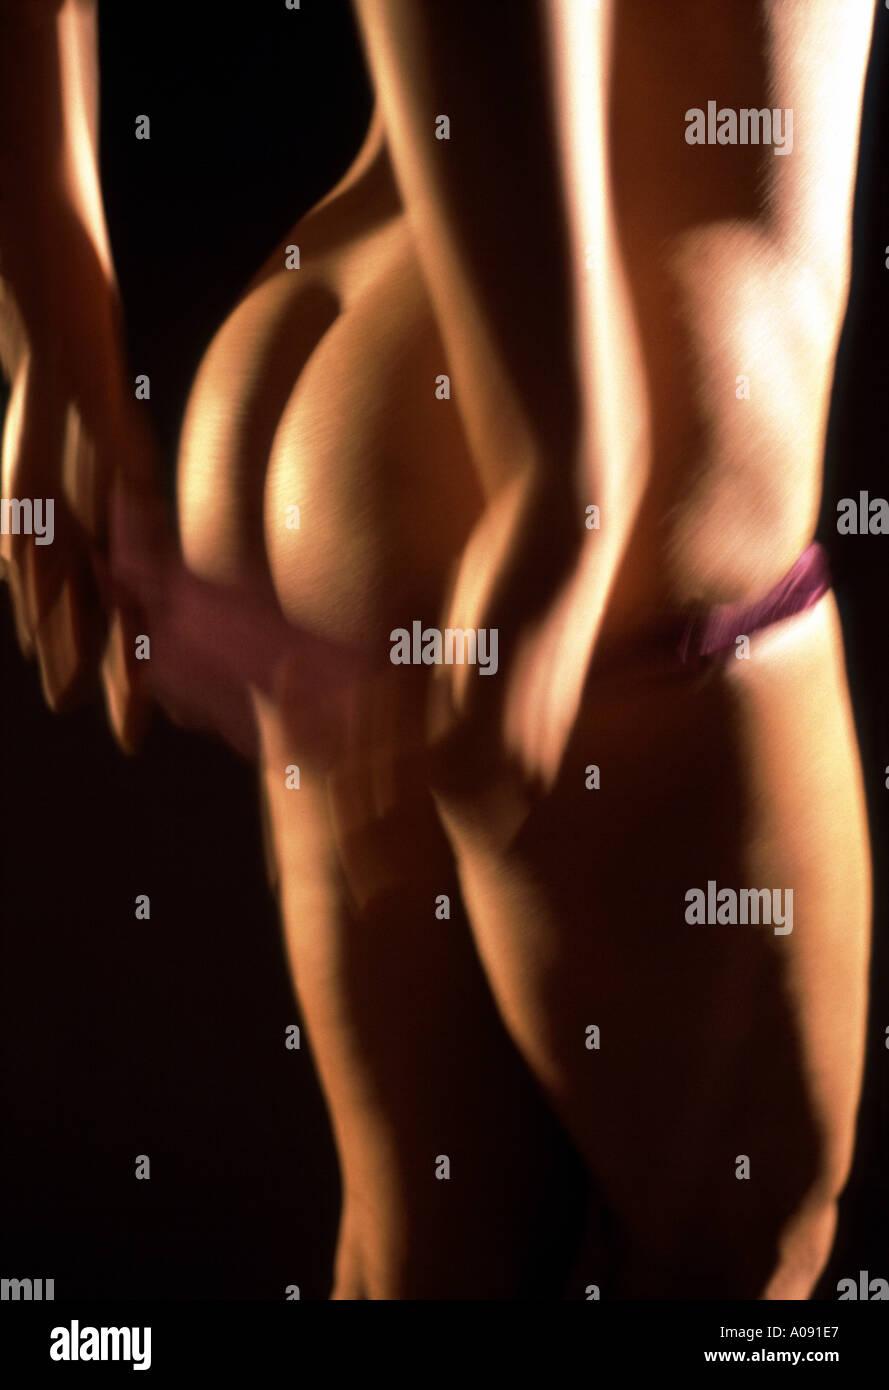 Nude pics partial Paige Spiranac